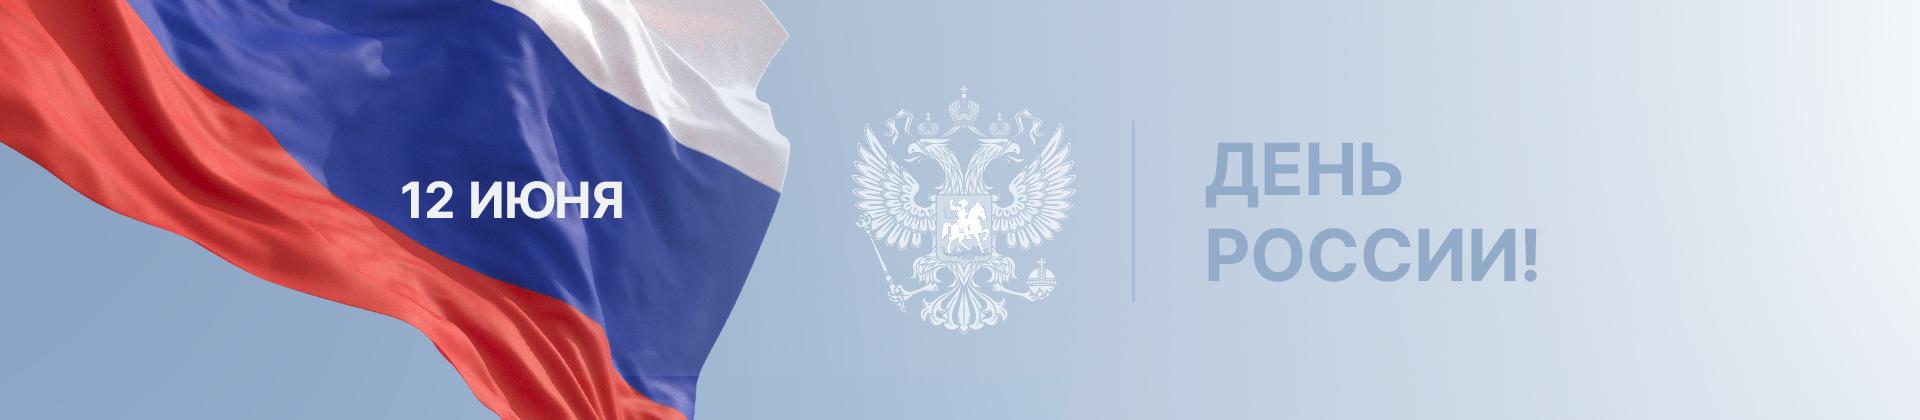 Интернет-типография PrintHit поздравляет всех граждан нашей страны с Днем России!